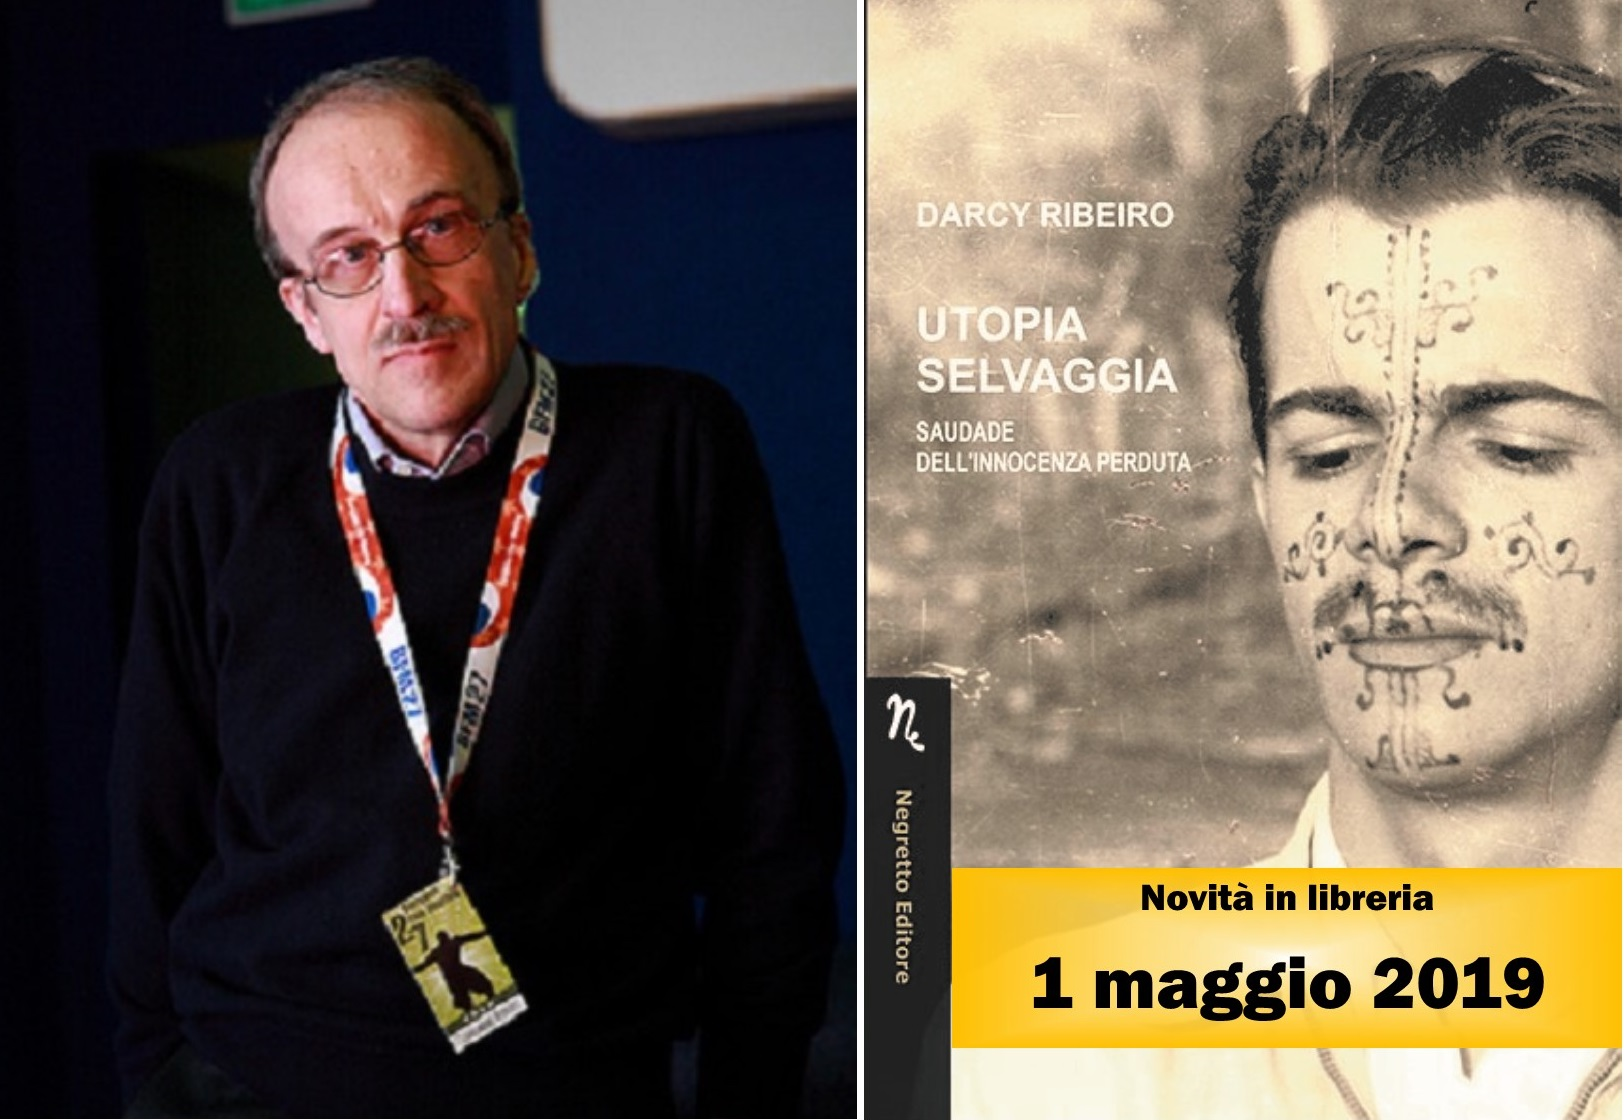 """Darcy Ribeiro e il romanzo utopico: la prefazione di Giancorrado Barozzi del romanzo """"Utopia selvaggia"""""""